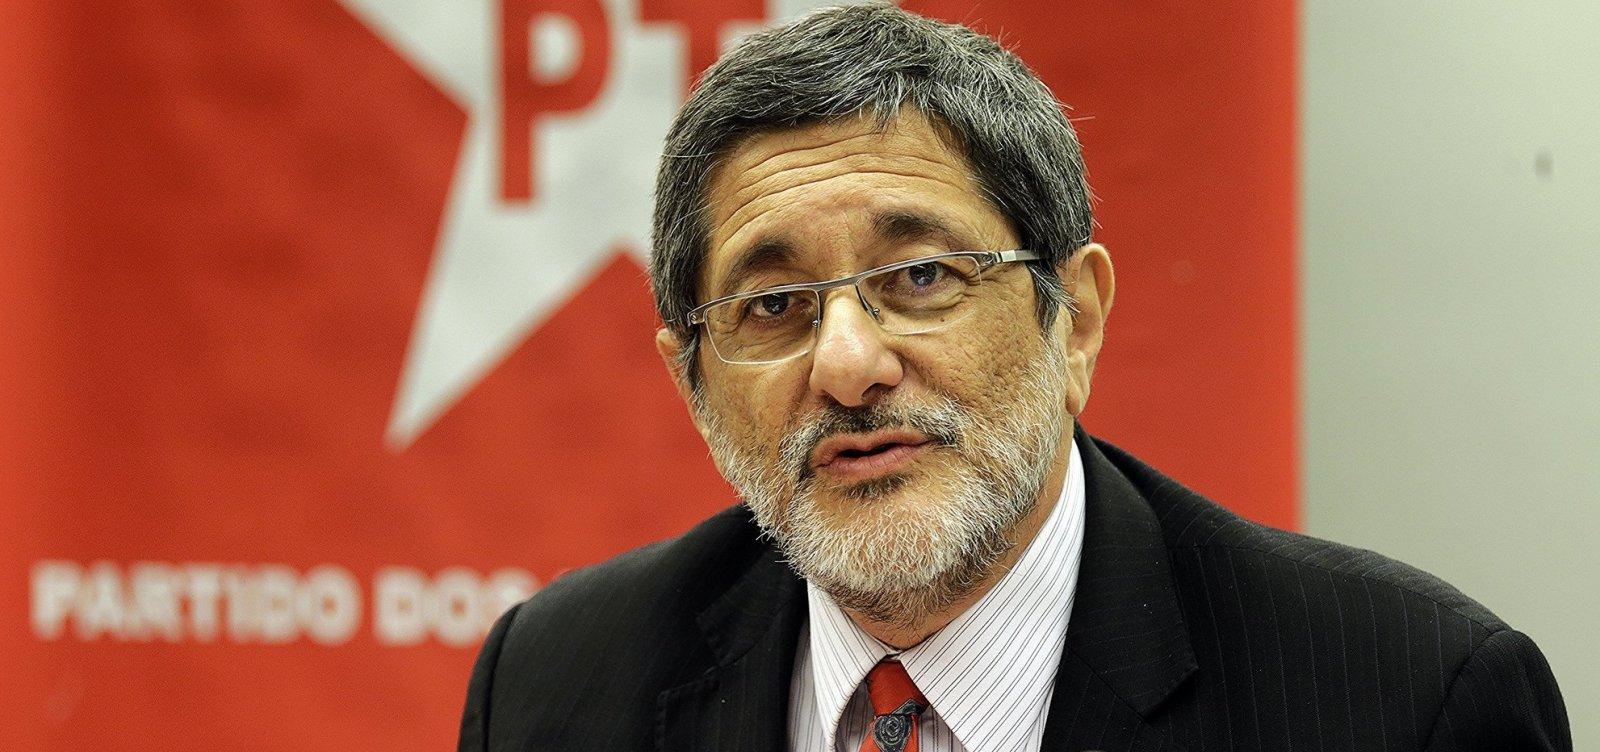 [Gabrielli ironiza Ciro Gomes e diz que soltar Lula 'volta a ser foco da disputa' ]